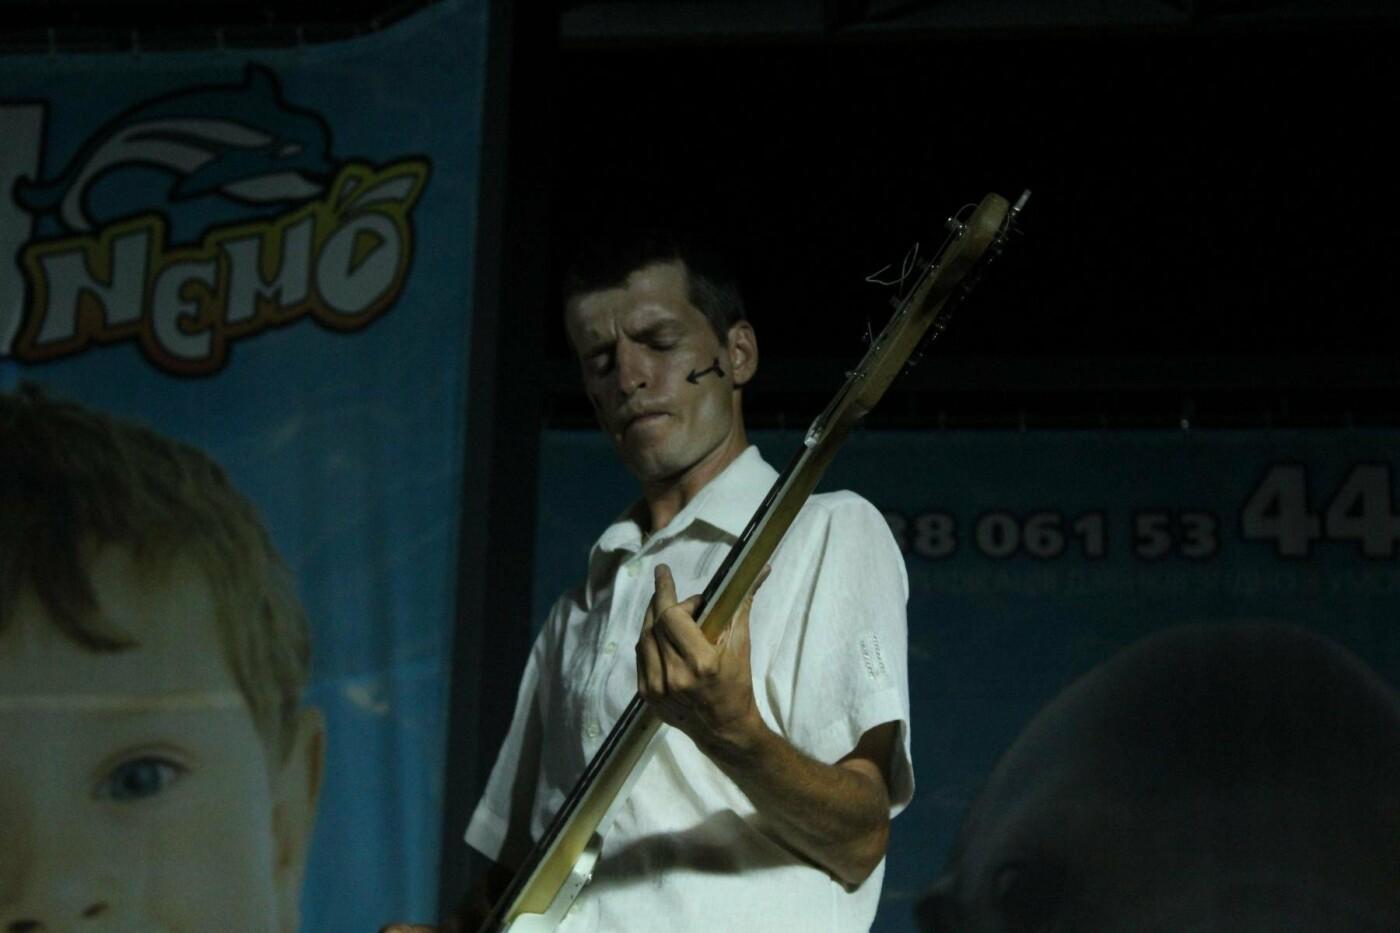 В Бердянске прошел благотворительный рок-концерт в поддержку Данила Коржа, фото-7